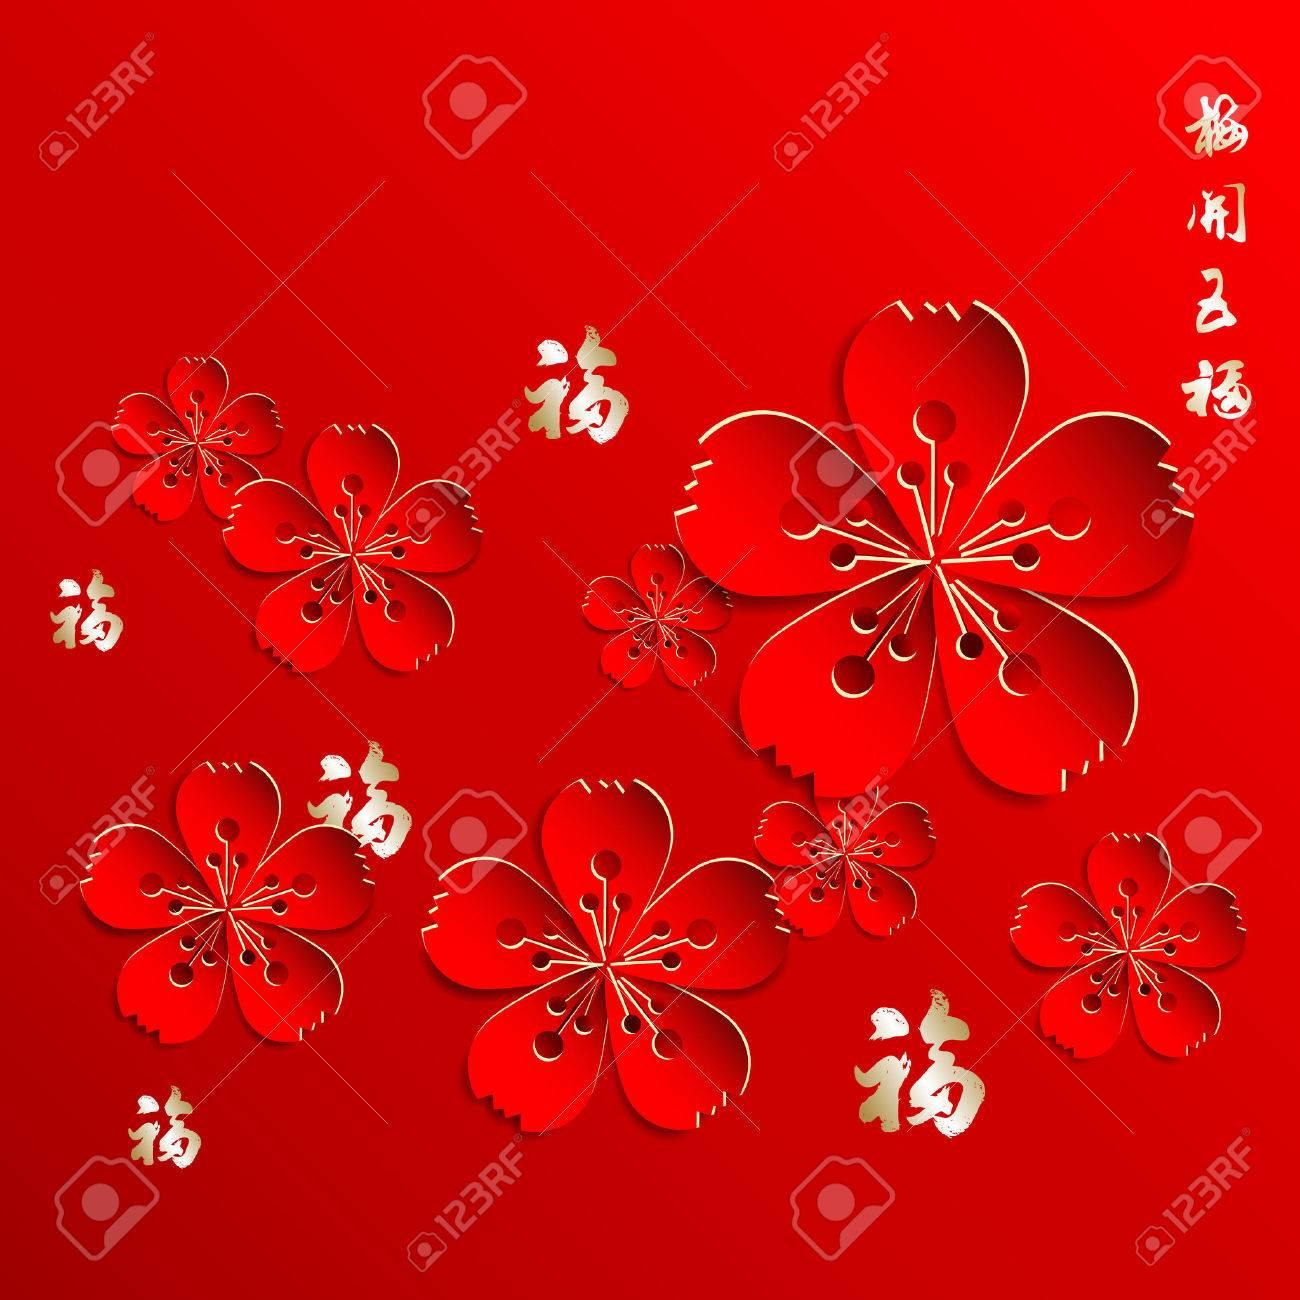 中国の旧正月の花の背景のイラスト素材ベクタ Image 25463363